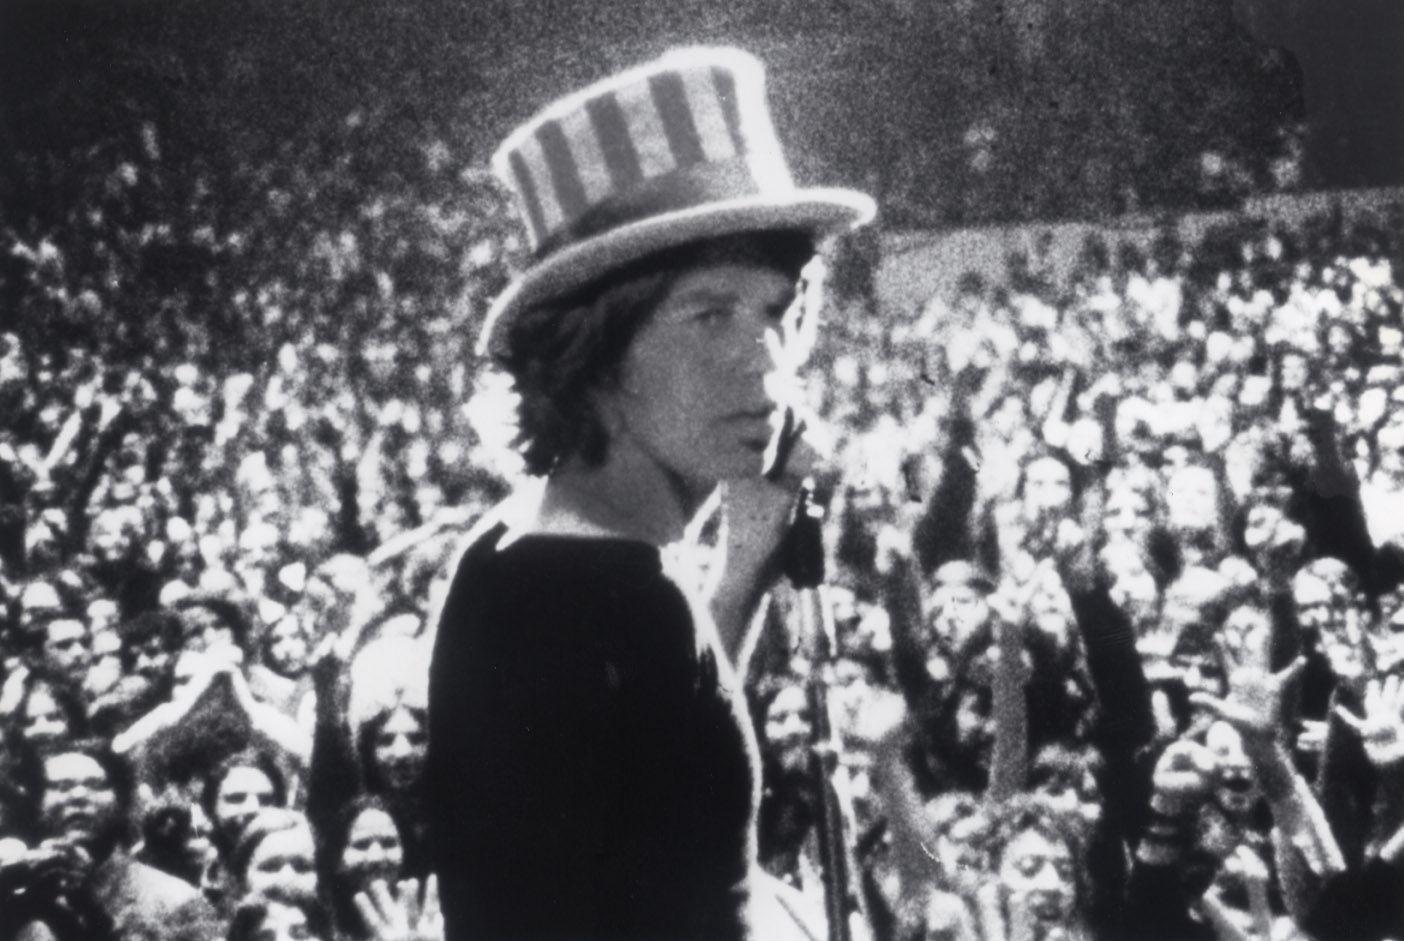 ¿Qué sucedió en el concierto en Altamont Speedway el 6 de Diciembre de 1969?